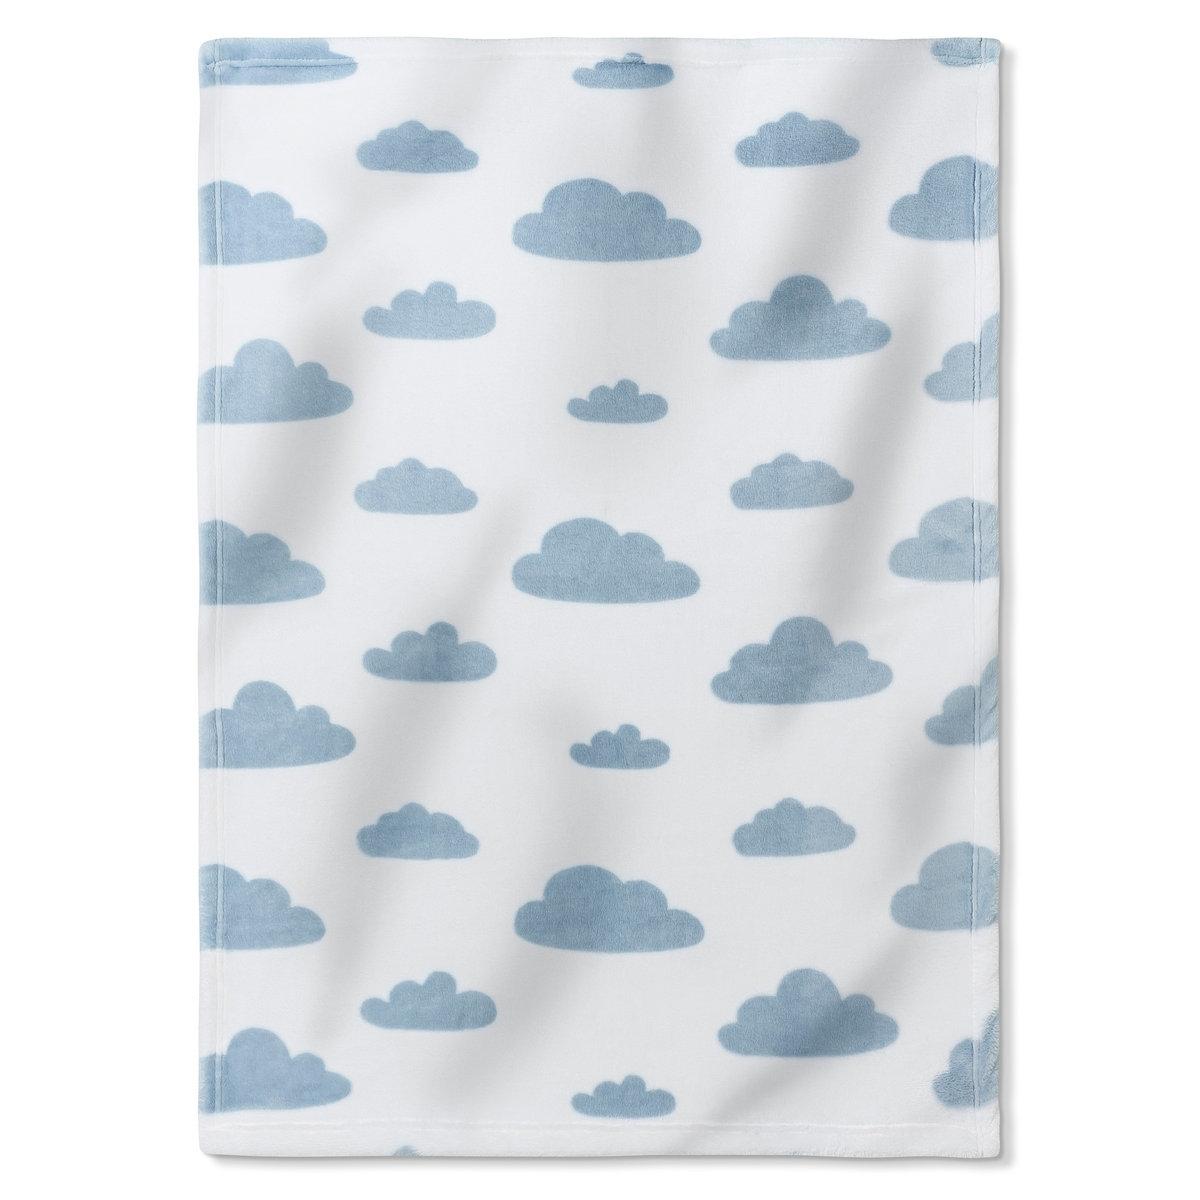 ПледФлис, 100% полиэстера с рисунком облака на белом фоне.   Размеры: 70 x 100 см.   Машинная стирка при 40°.<br><br>Цвет: синий/ белый<br>Размер: единый размер